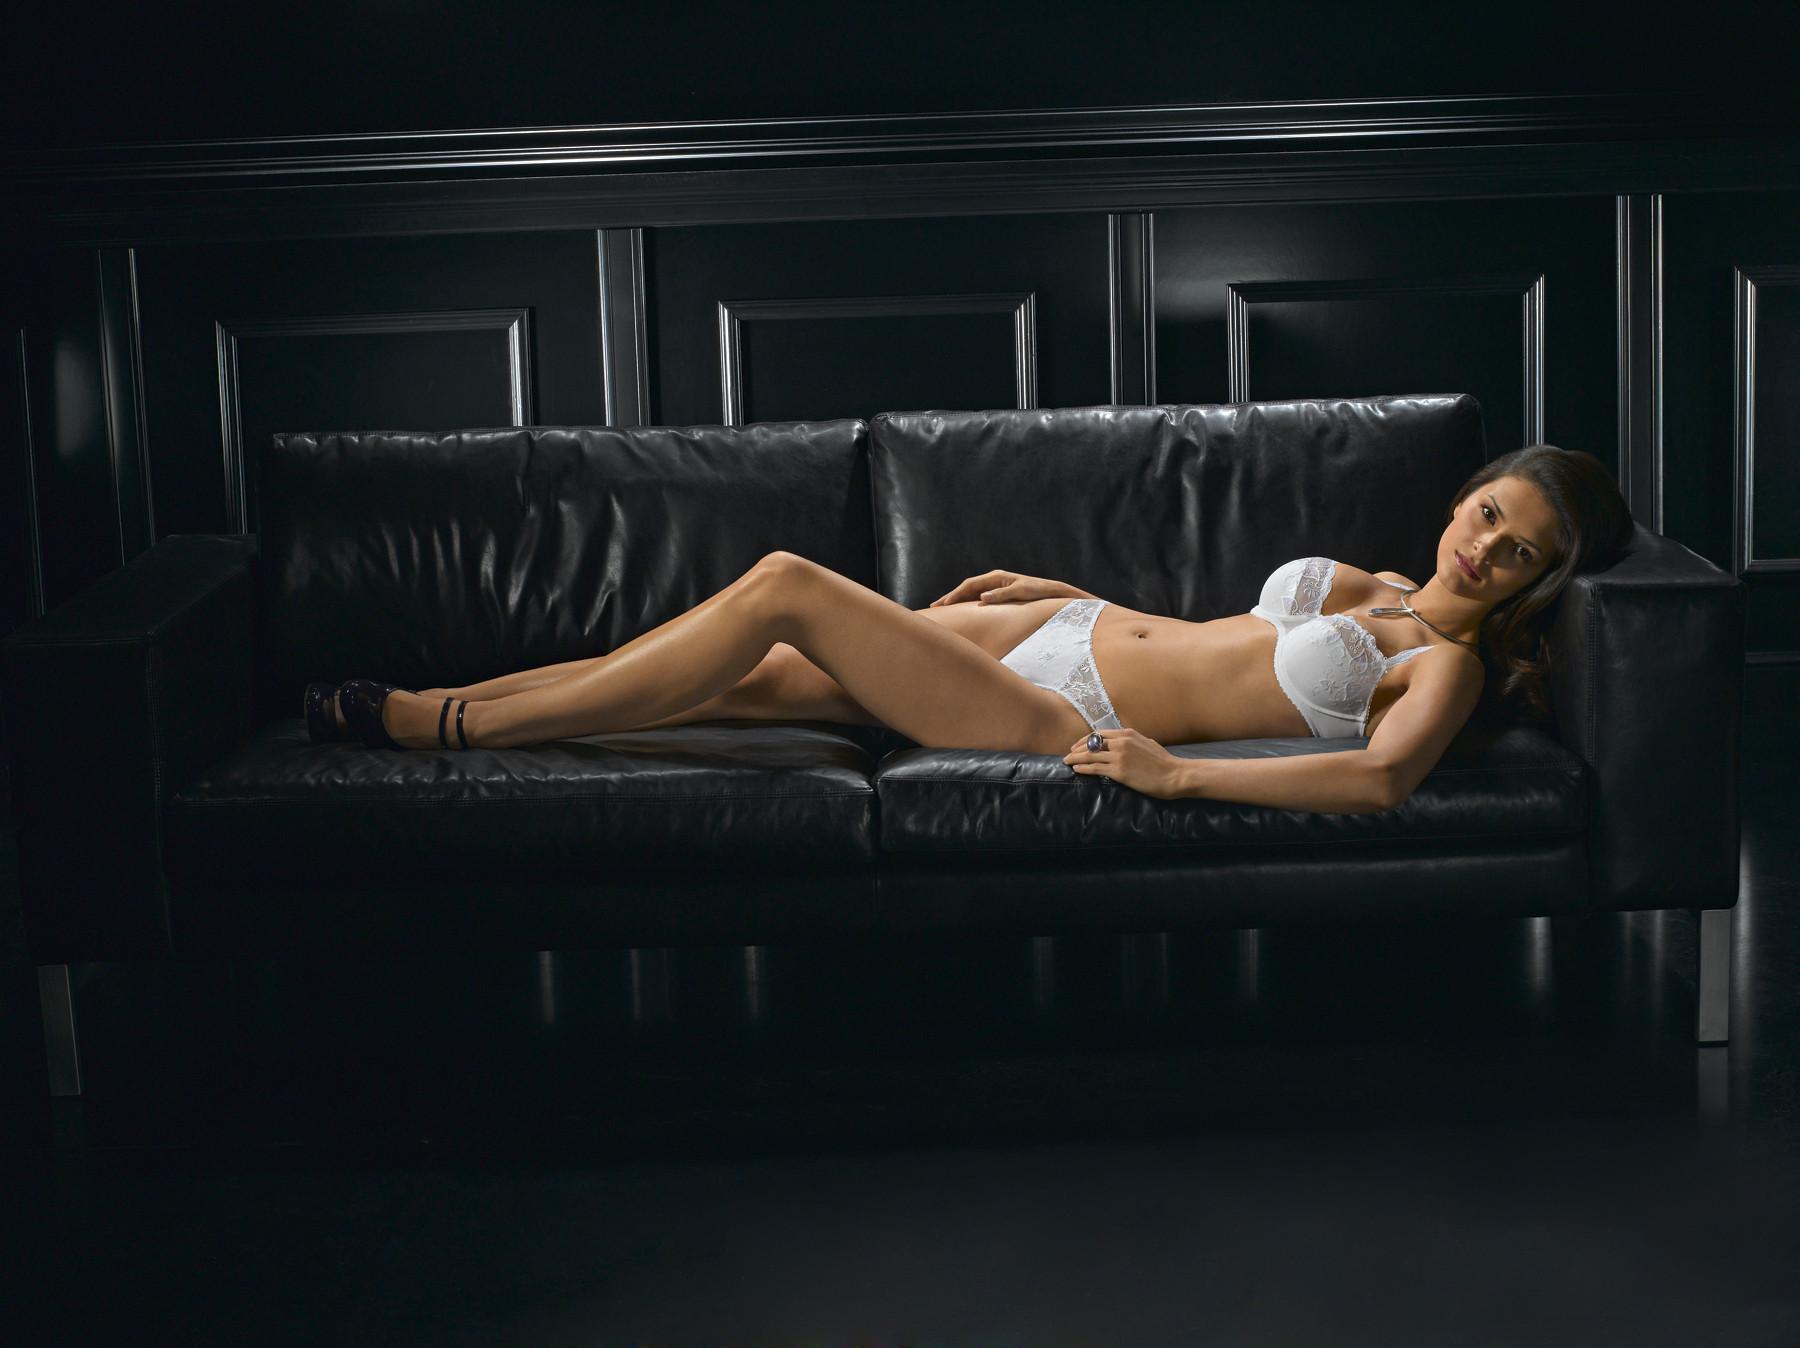 Kalhotky 81015 - Felina barva: černá, velikost: 40